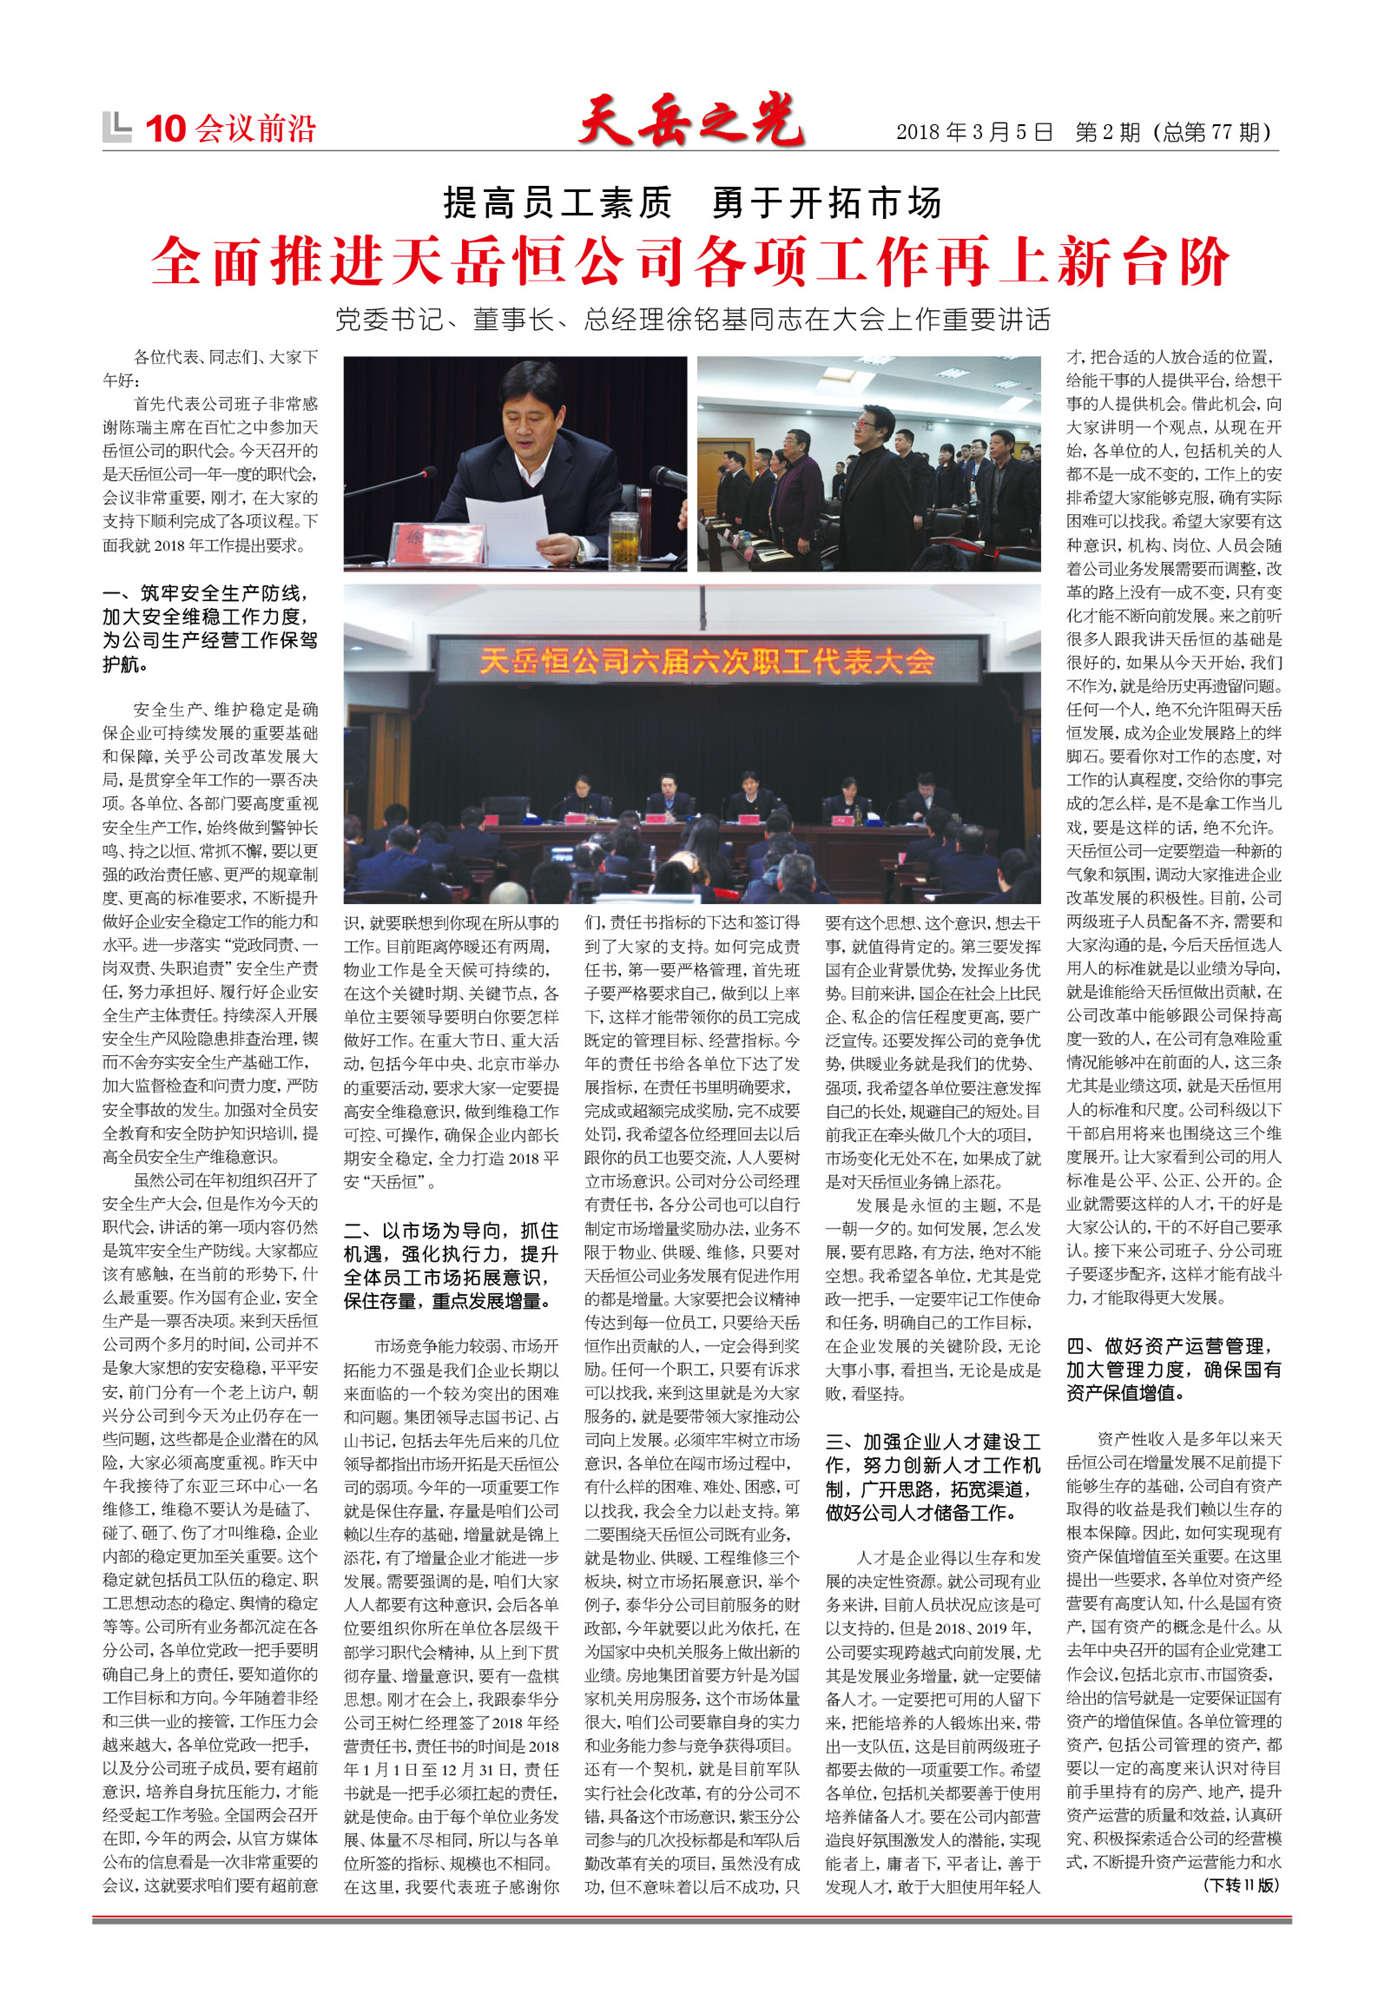 2-大赢家棋牌官网2月报纸最终10-2